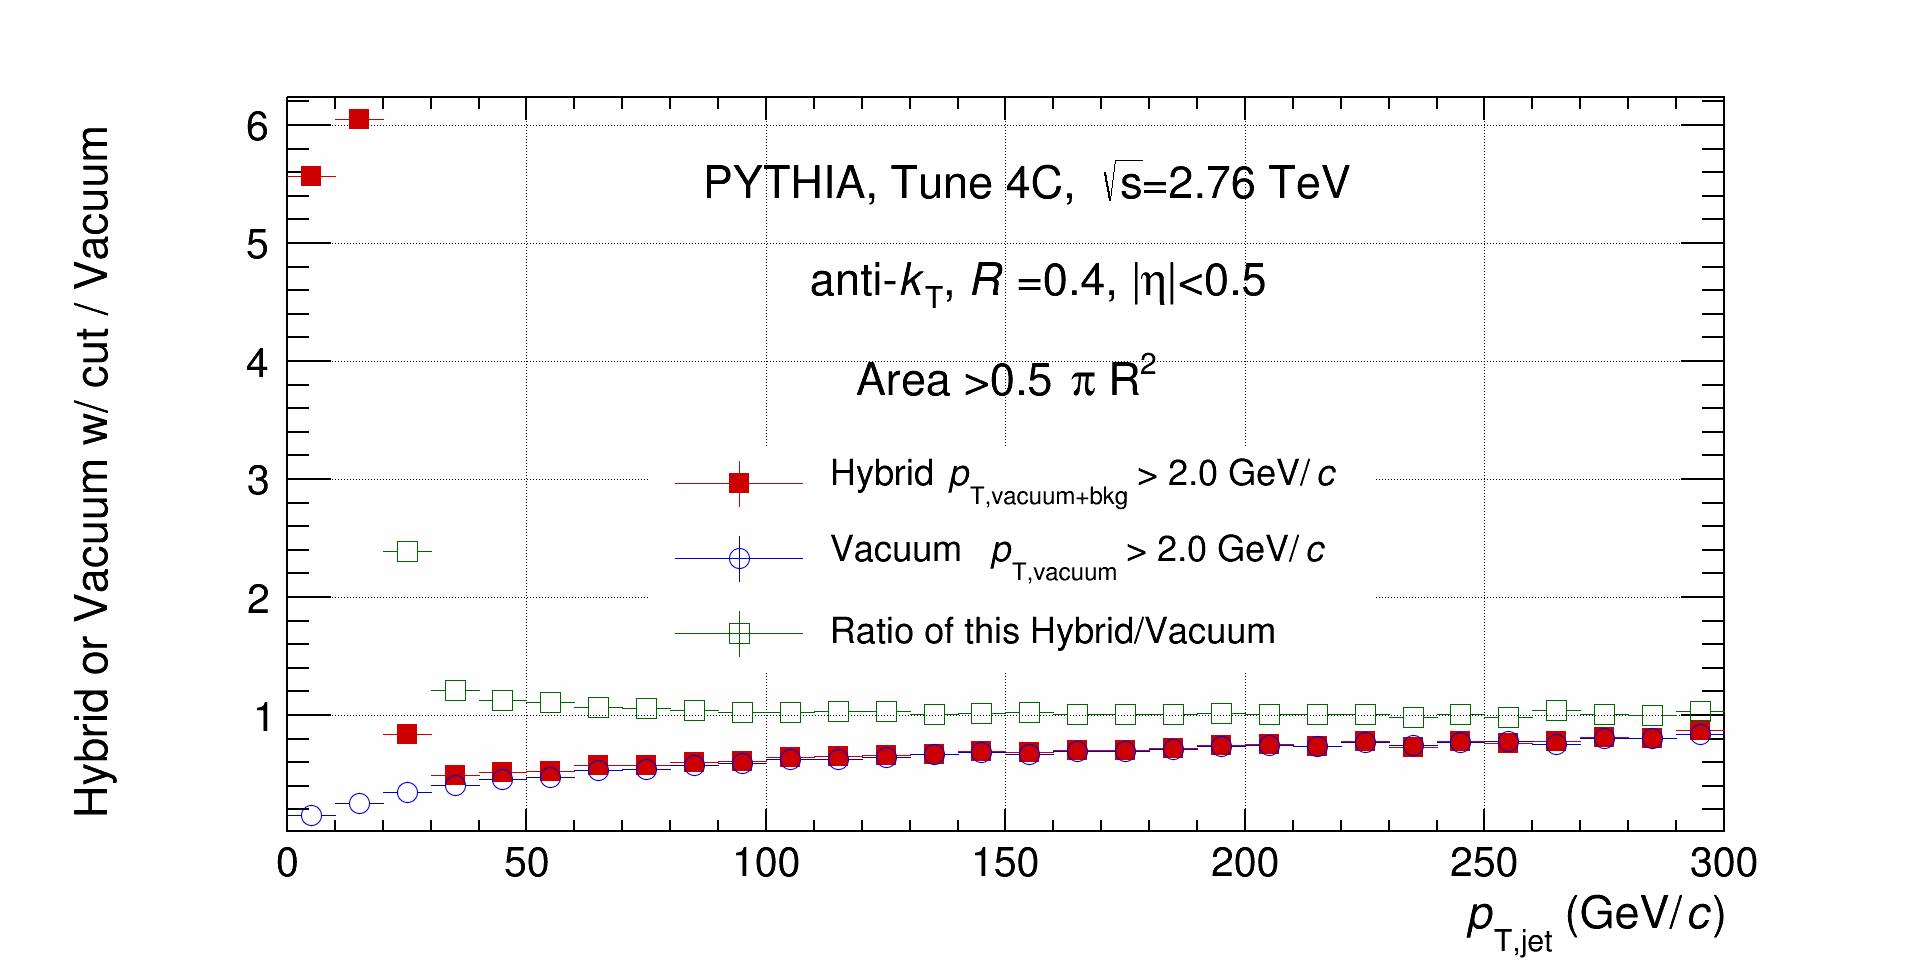 Vacuum_Hybrid_Ratio.png